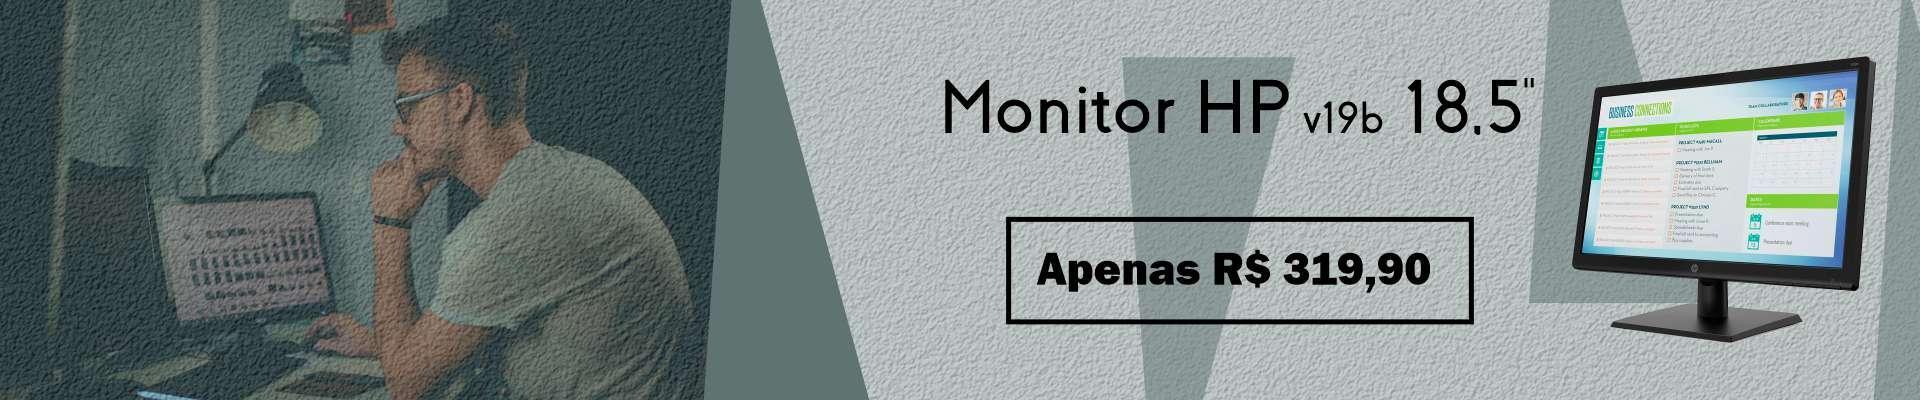 Promoção Monitor HP